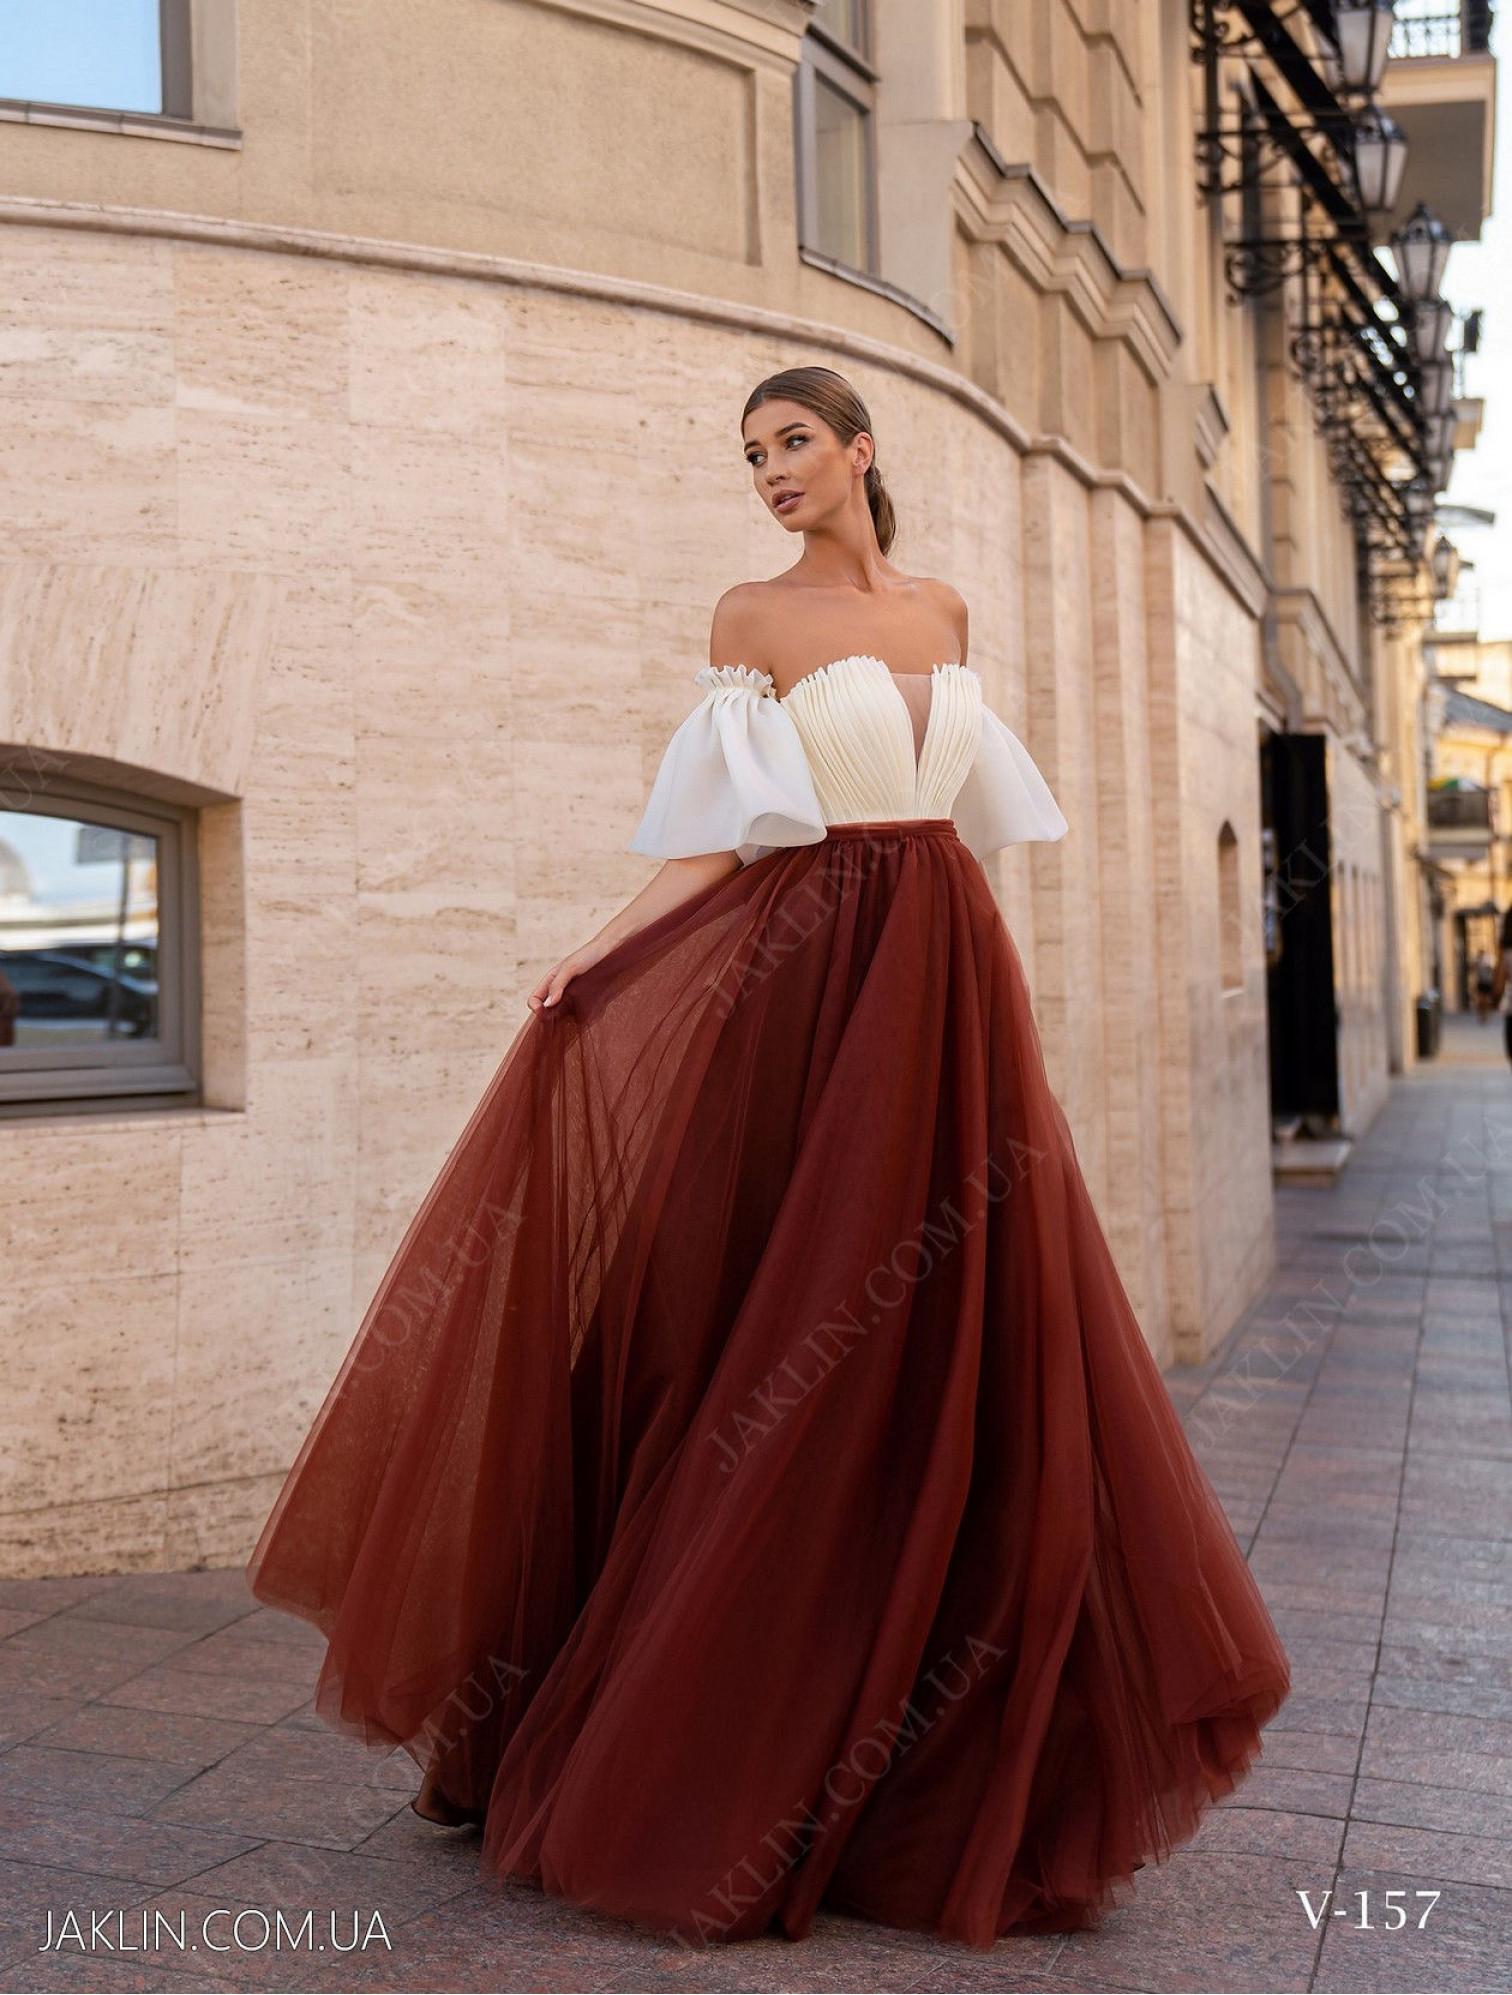 Вечернее платье V-157